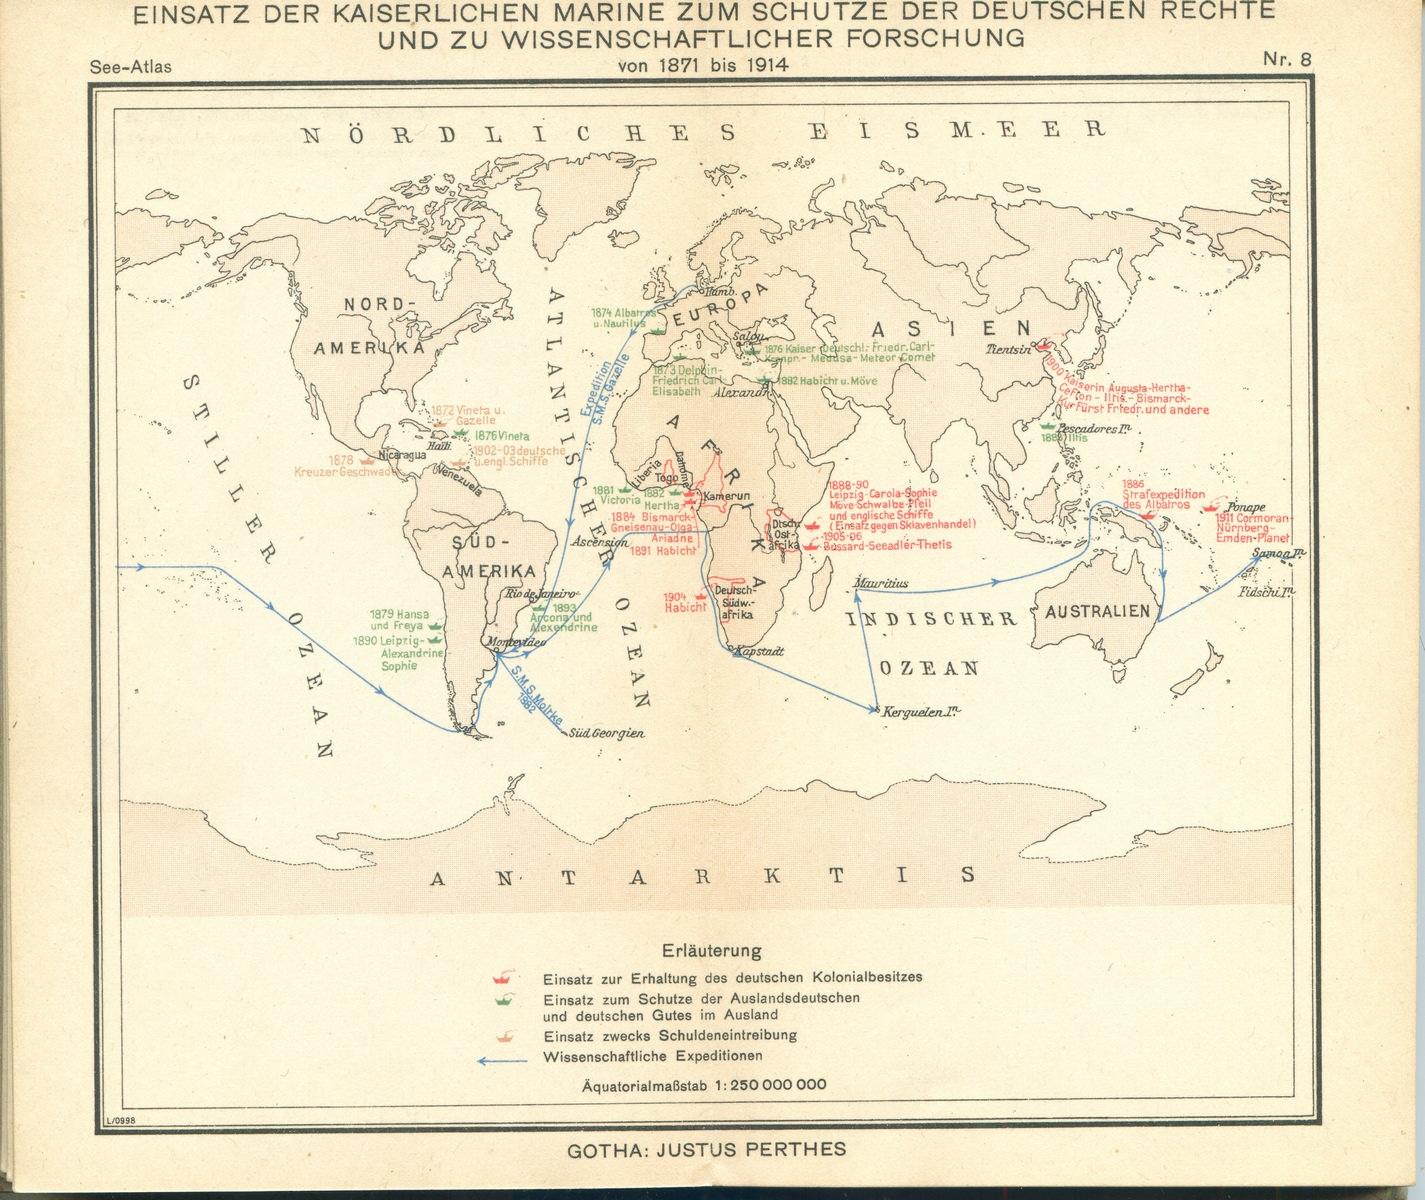 Einsatz der Kaiserlichen Marine zum Schutze der Deutschen Rechte und zu wissenschaflicher Forschung von 1871 bis 1914